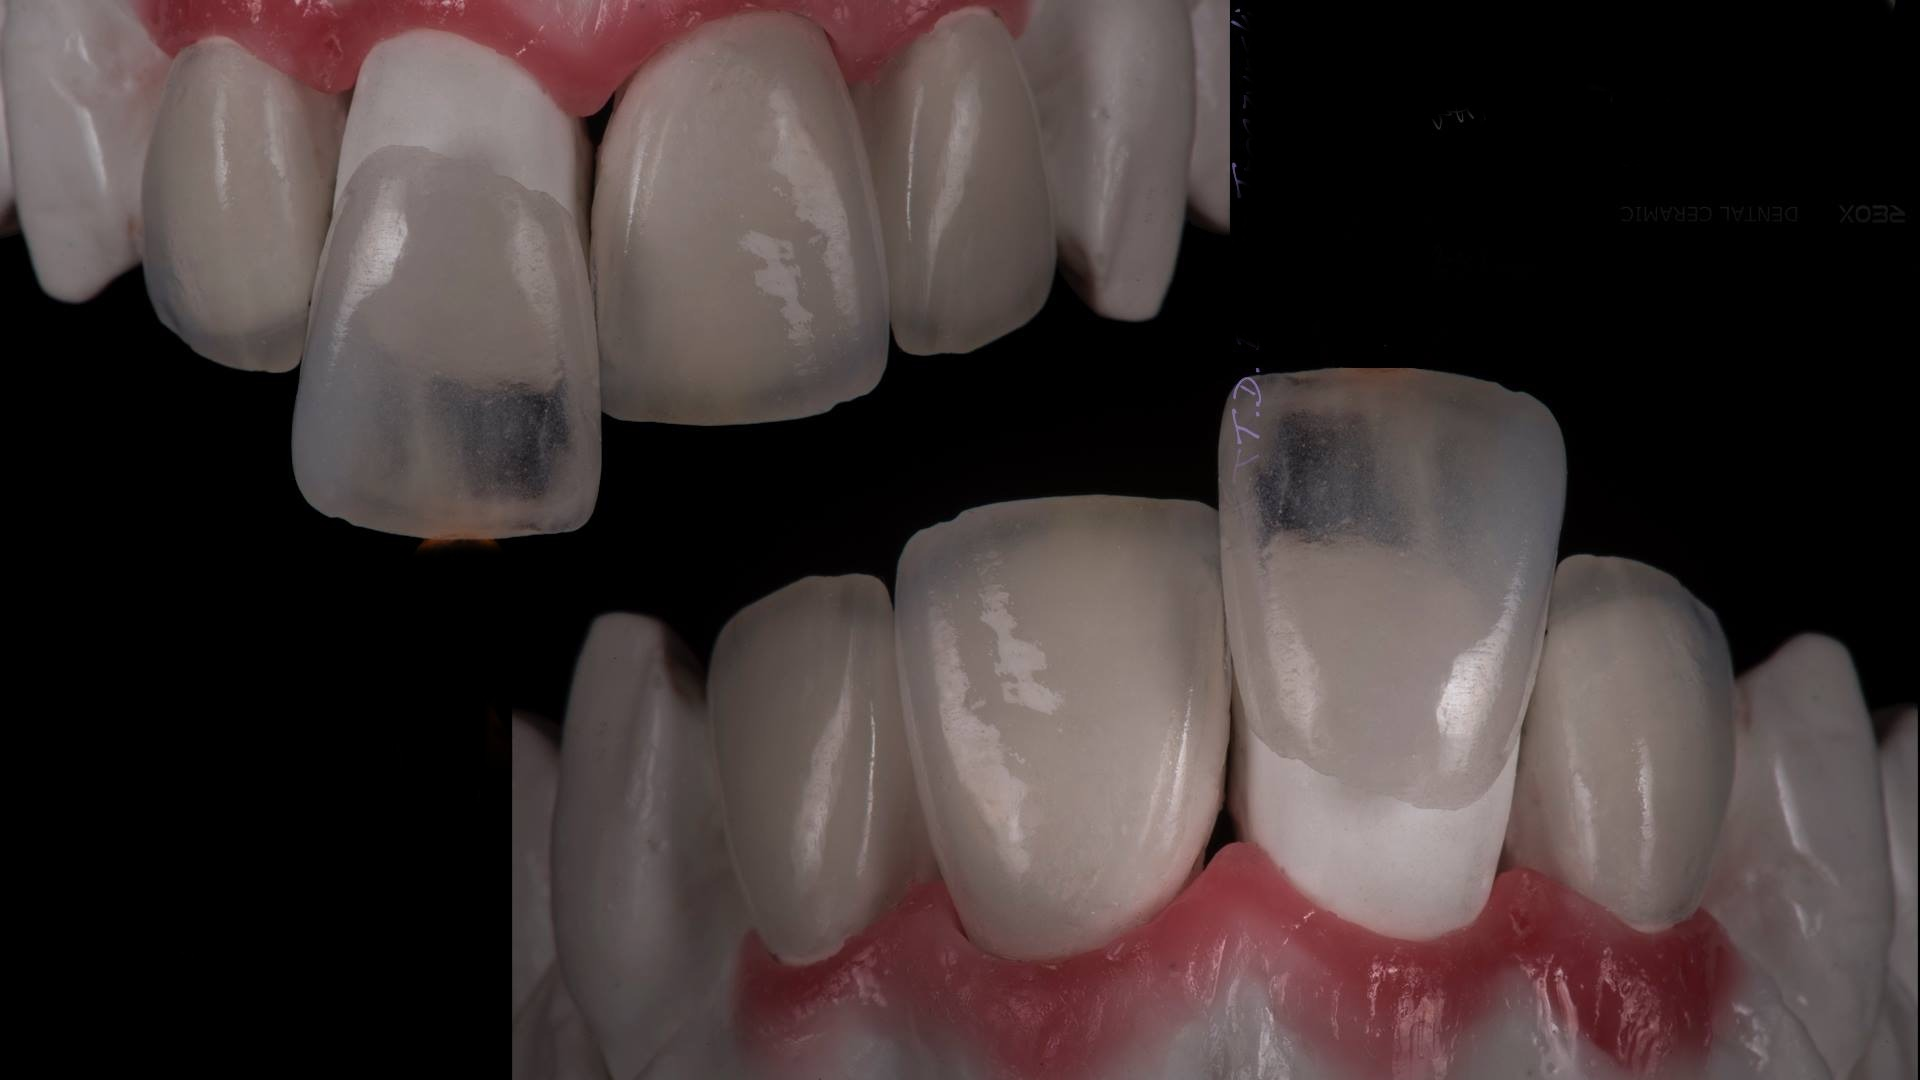 Porcelain dental veneer before and after